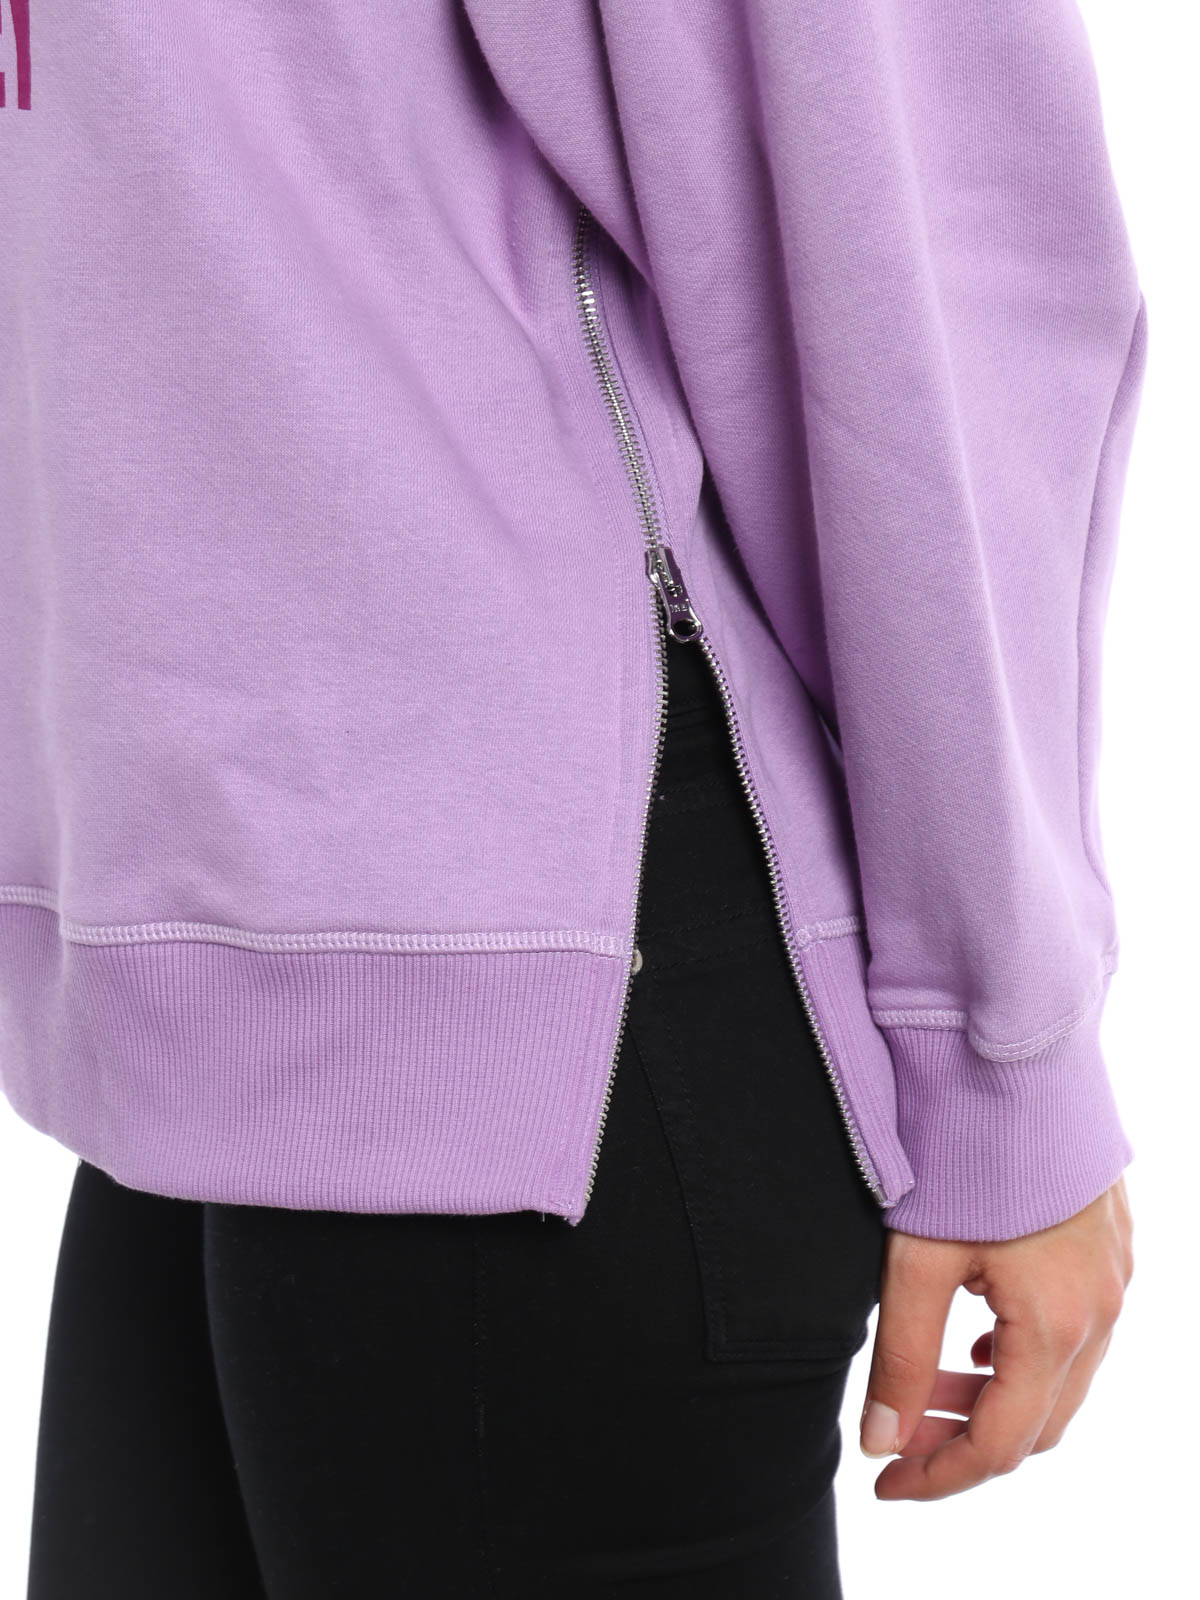 Sweatshirt Mccartney By Over Stella Adidas Print Logo aZYwqn7A